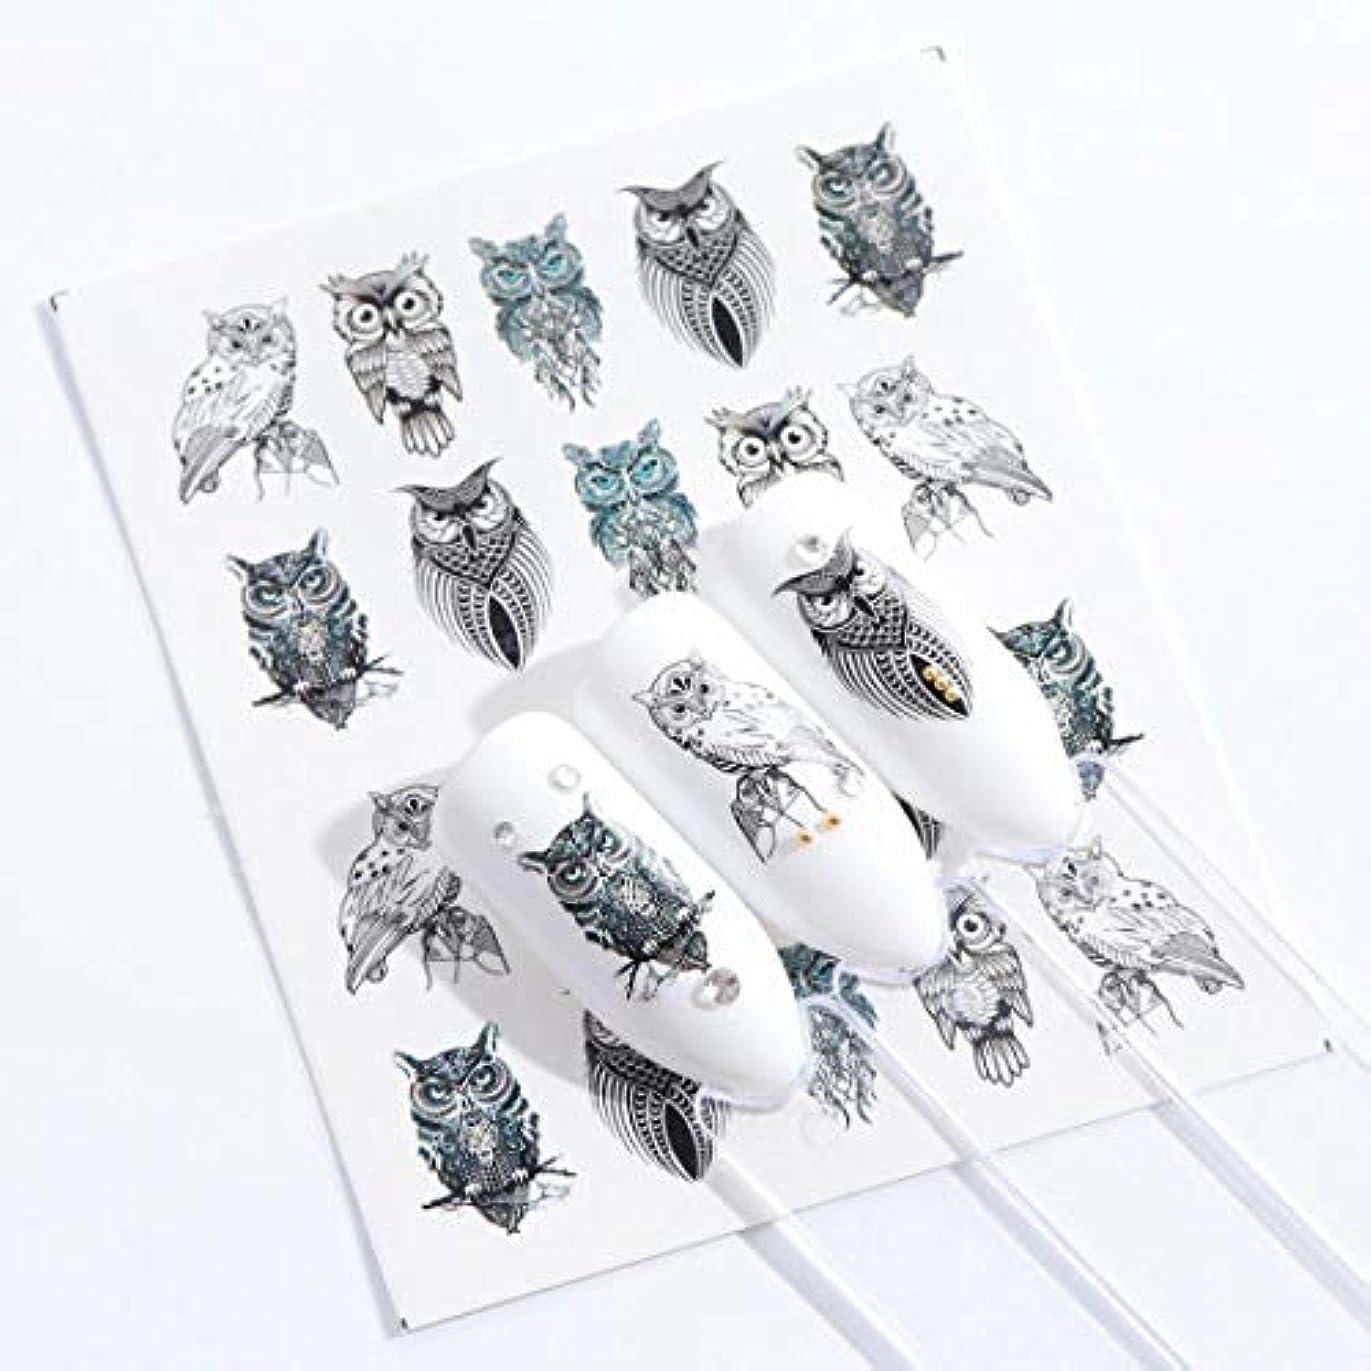 アルコーブ王子枯れるSUKTI&XIAO ネイルステッカー 1ピースラブリー漫画カラフルな画像ステンシルネイルデカールネイルアートステッカーマニキュアウォータースライダーのヒント、Stz670